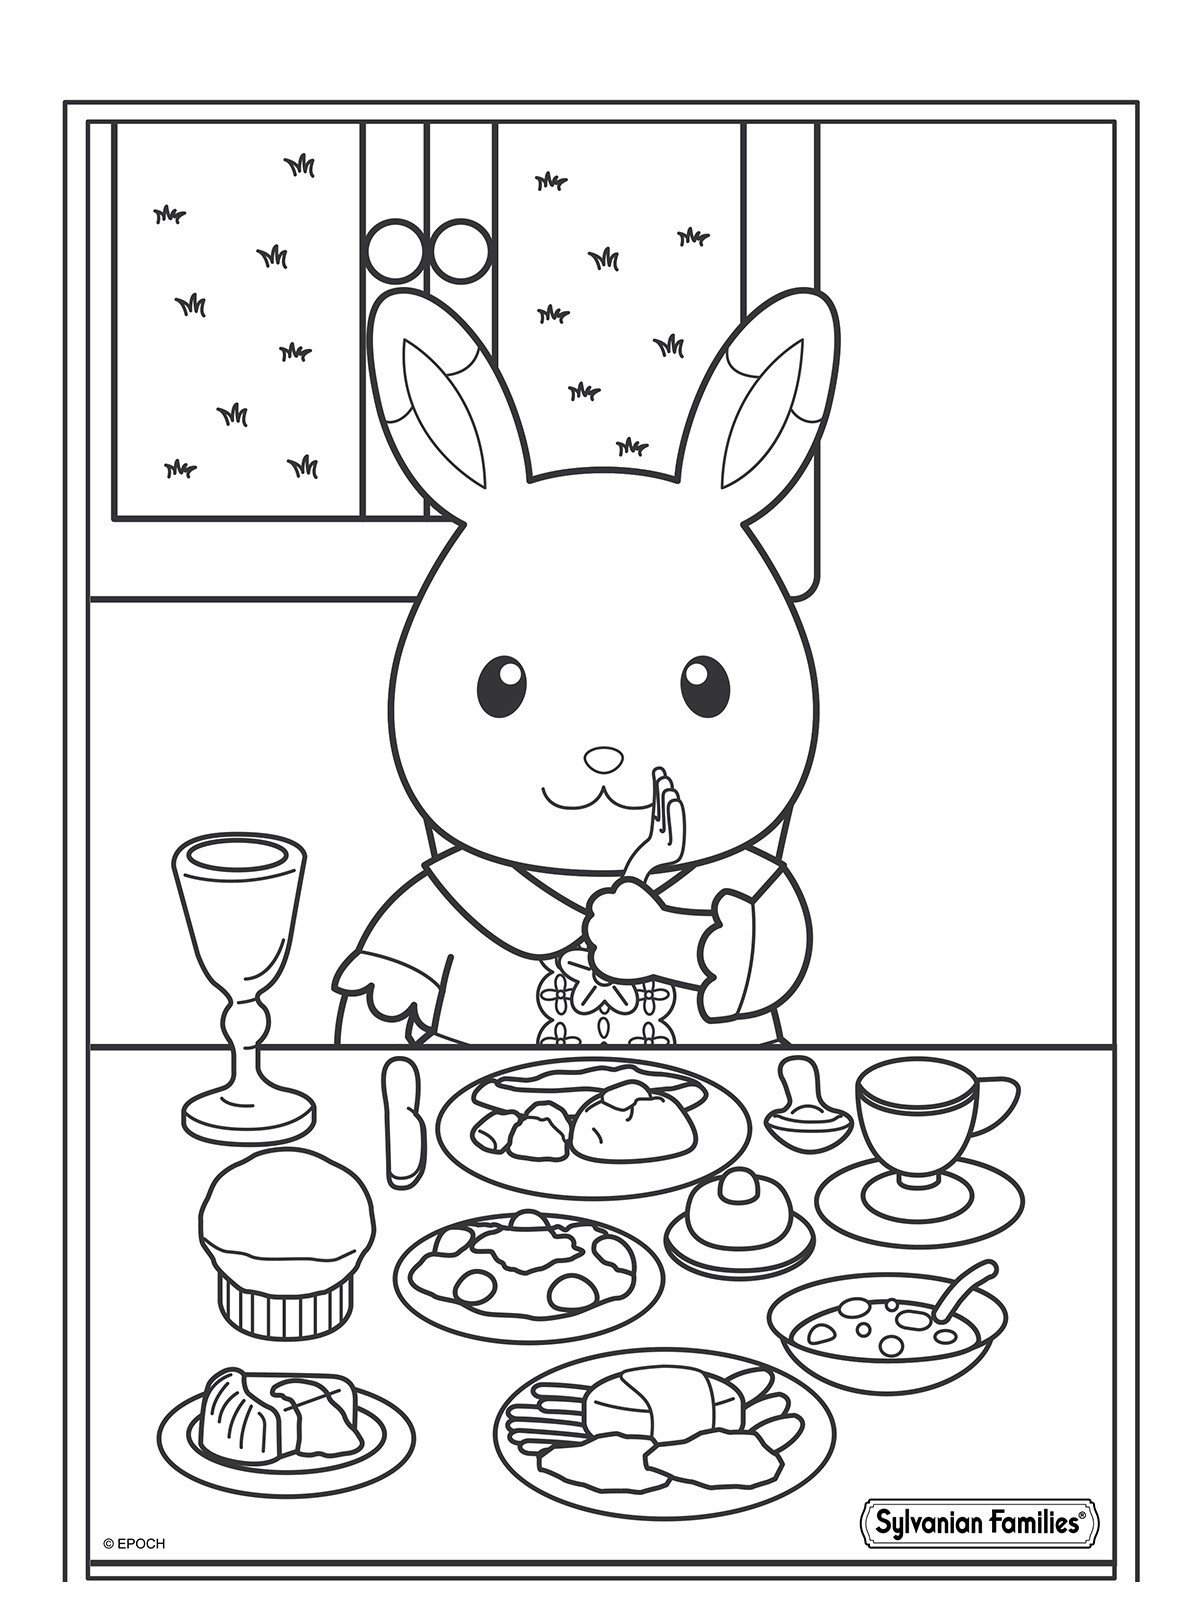 Картинка для раскраски «Обед малыша Сильвании»